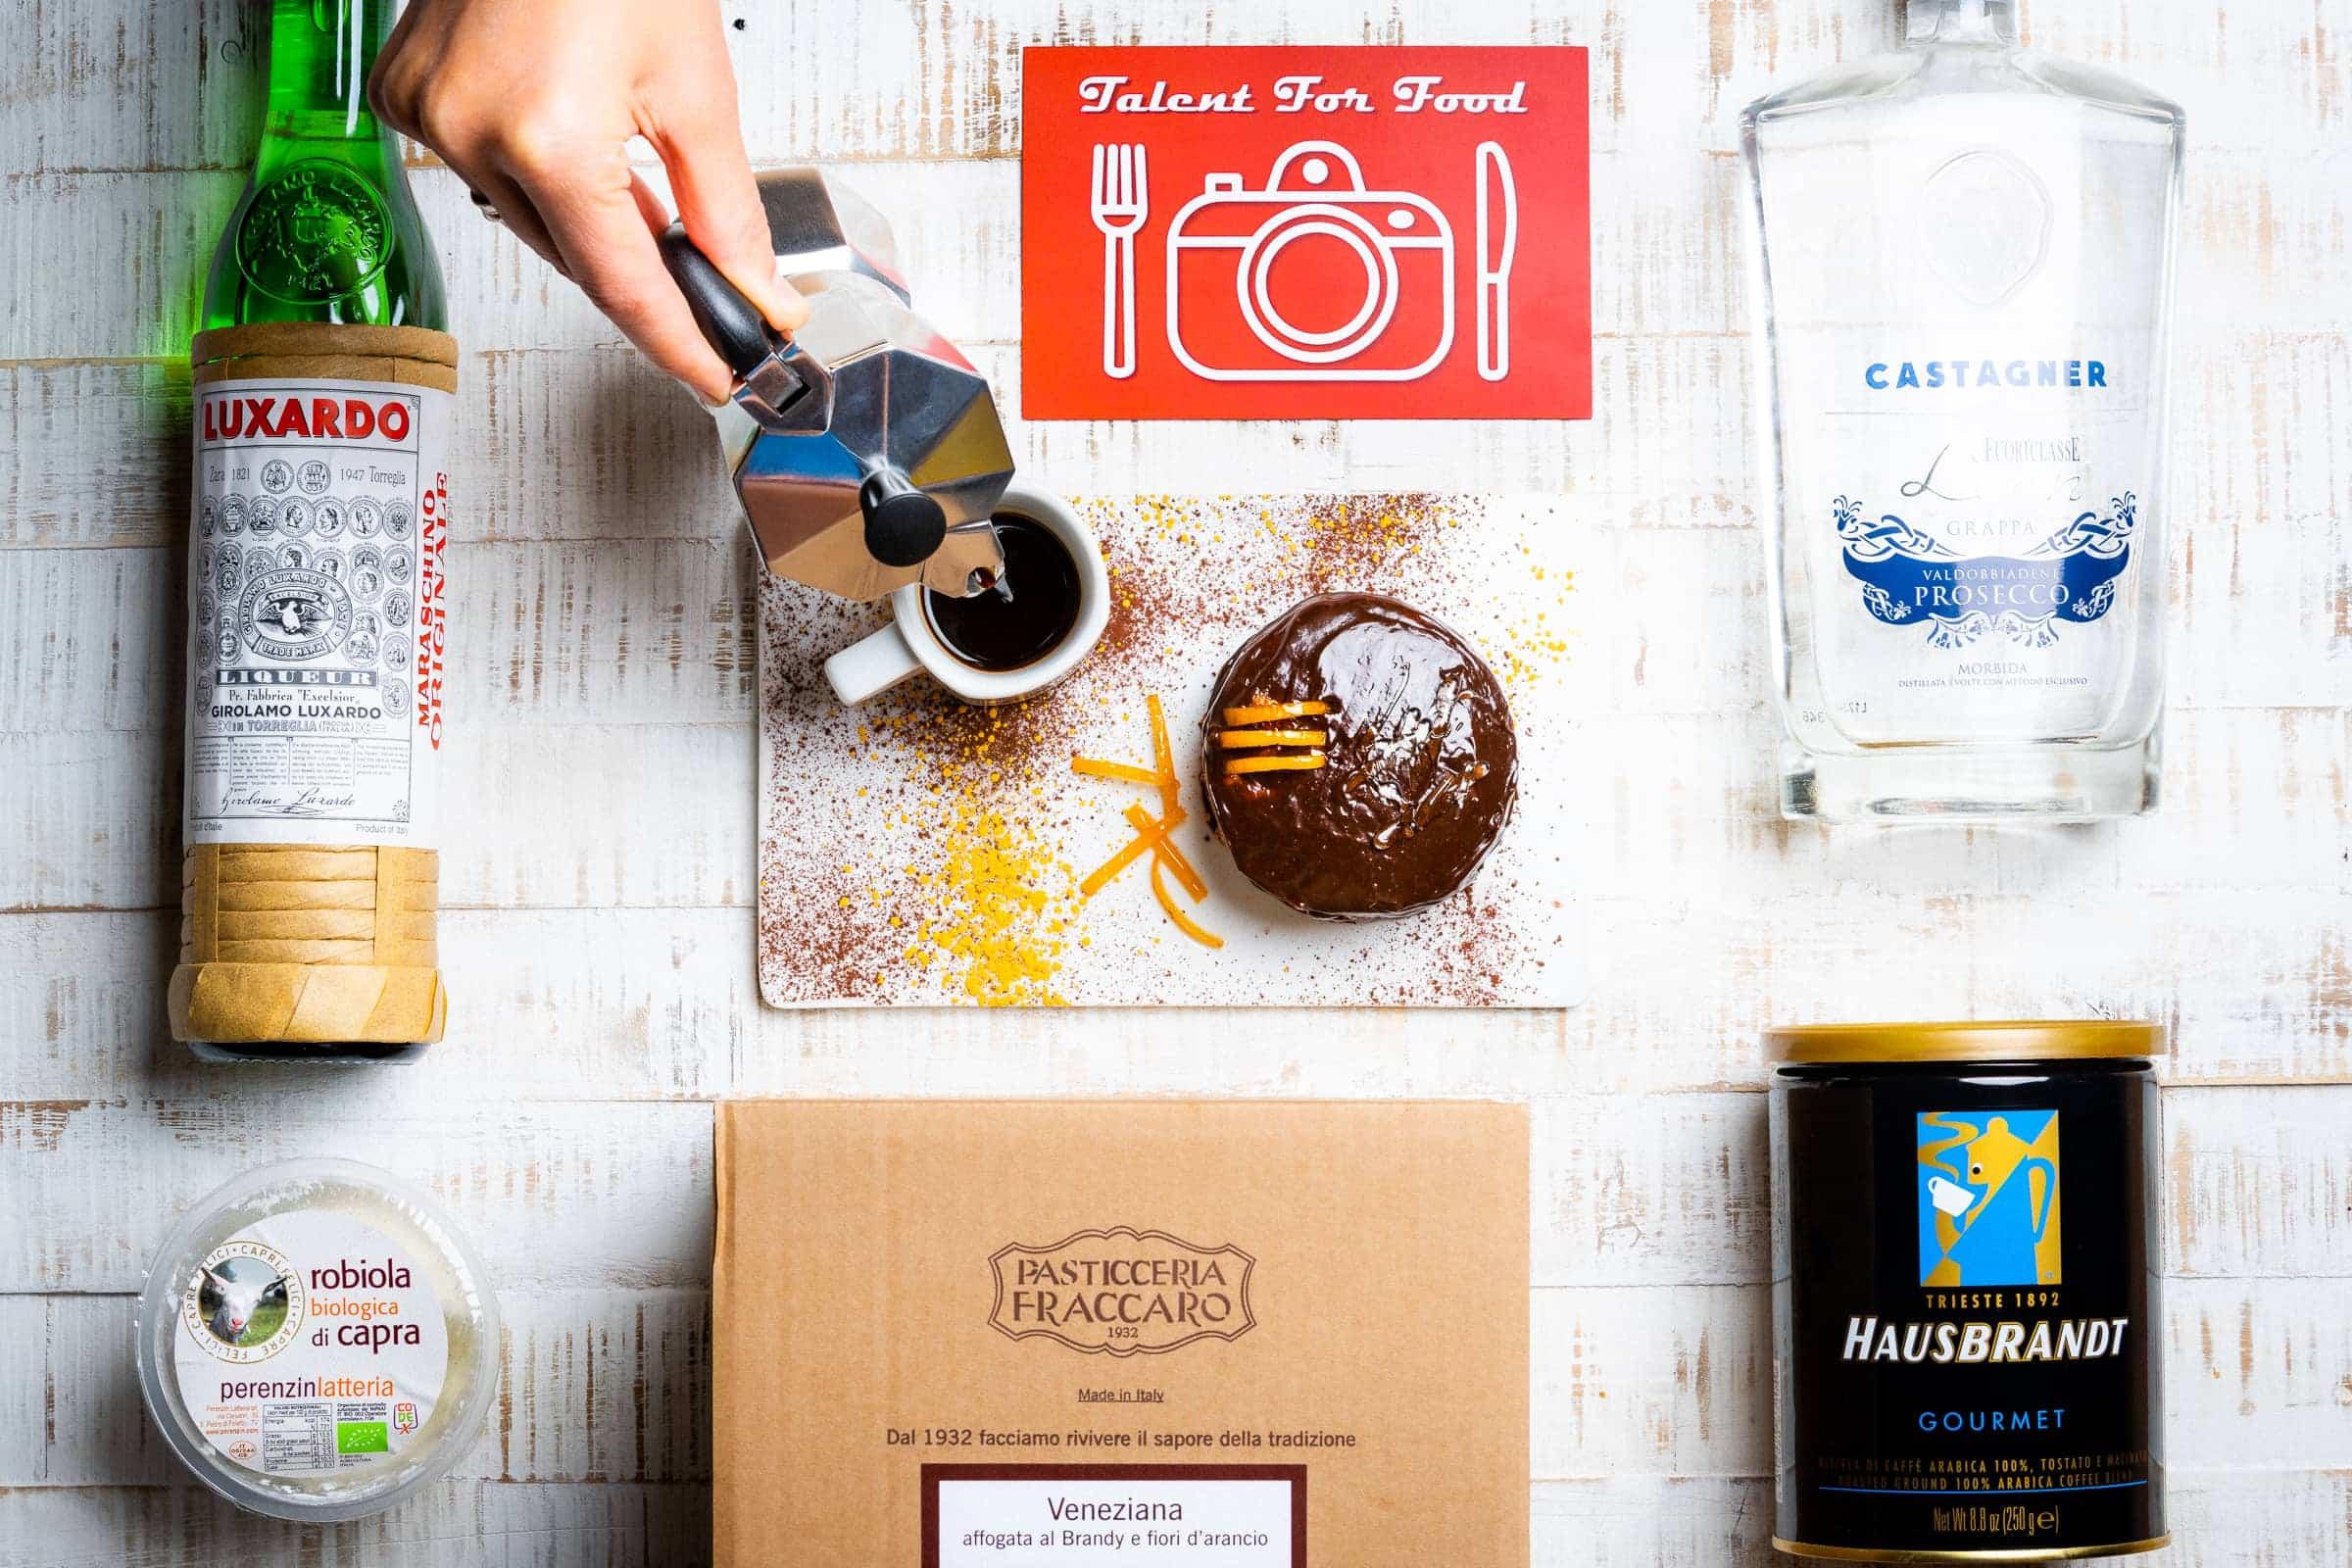 Talent for food - Mattonella soffice con caffe dell'alpino - Ingredienti - GnamAm.com